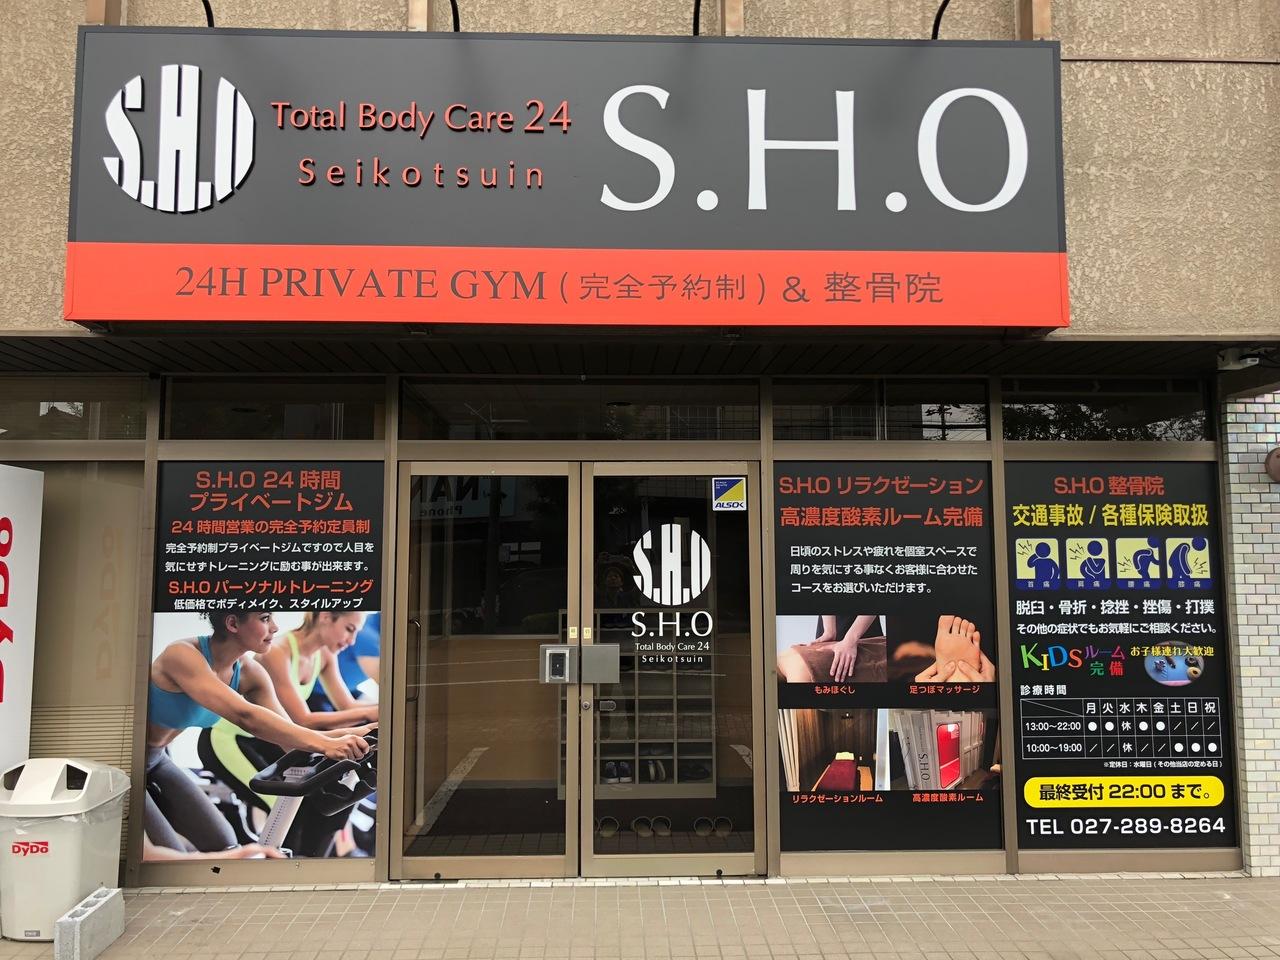 S.H.O総合予約ページ